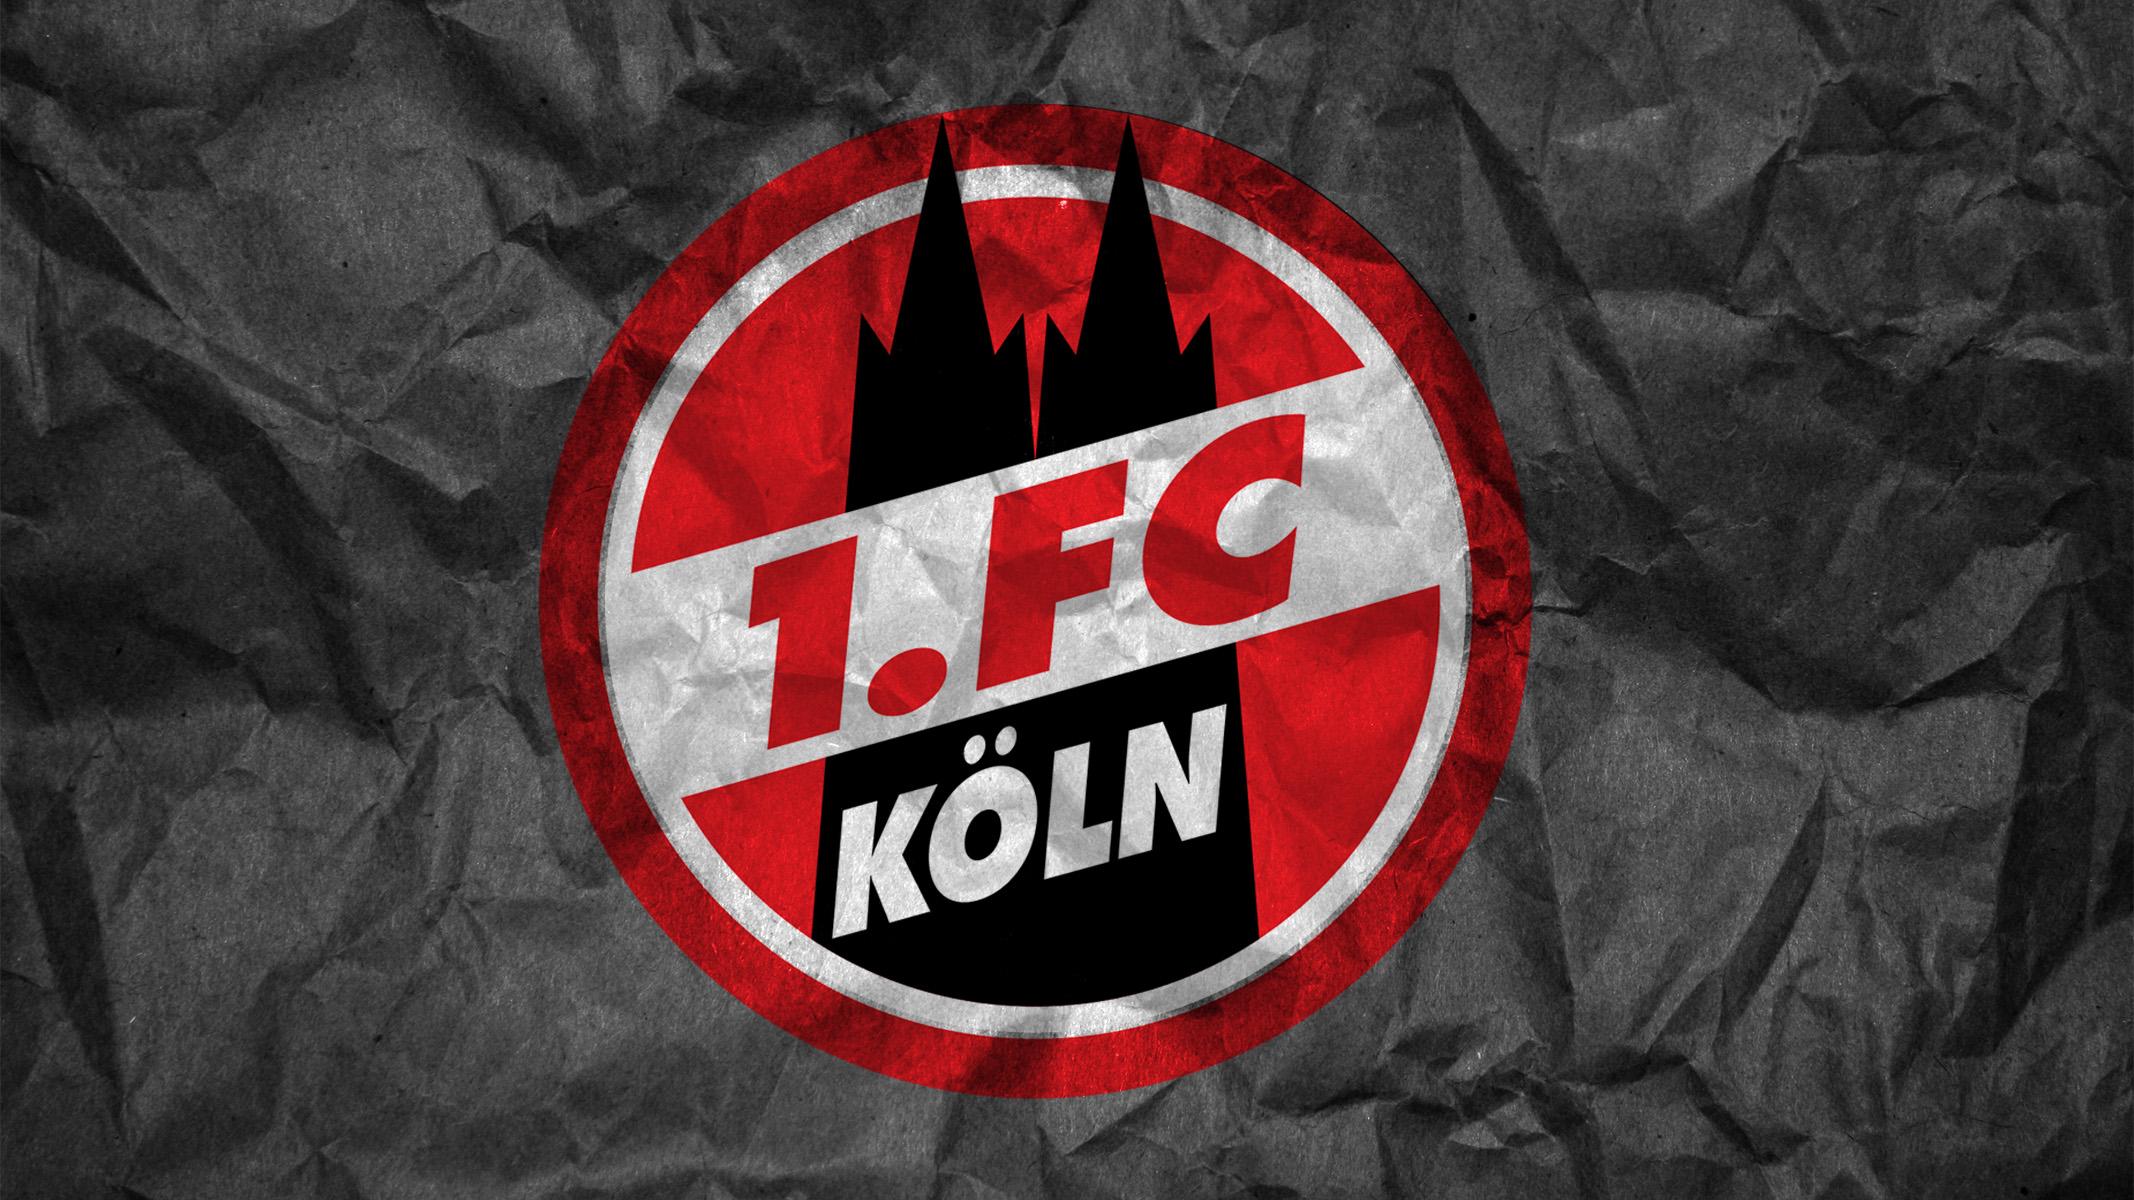 1 Fc Köln Bilder